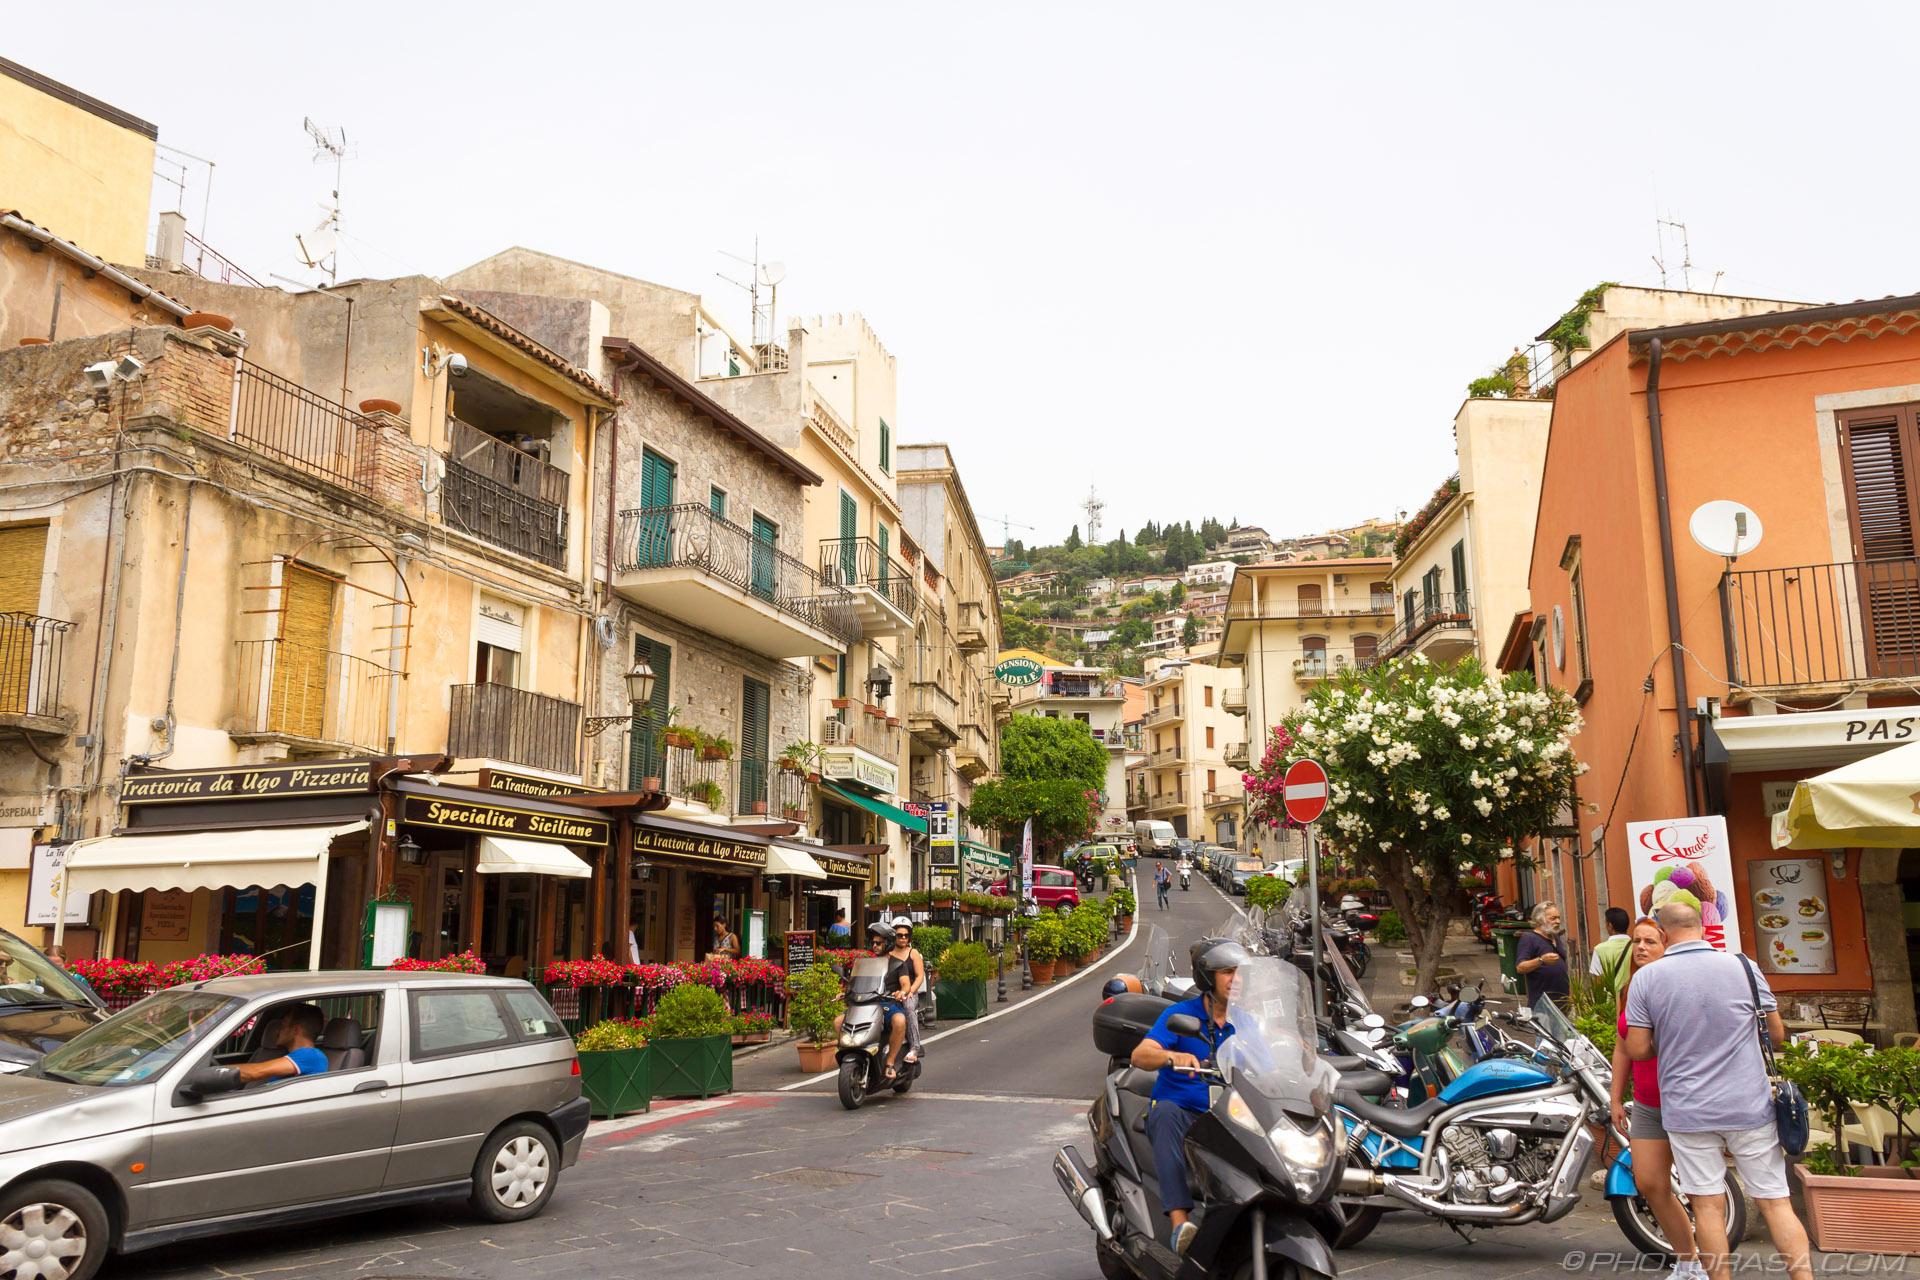 http://photorasa.com/taormina/taormina-town/